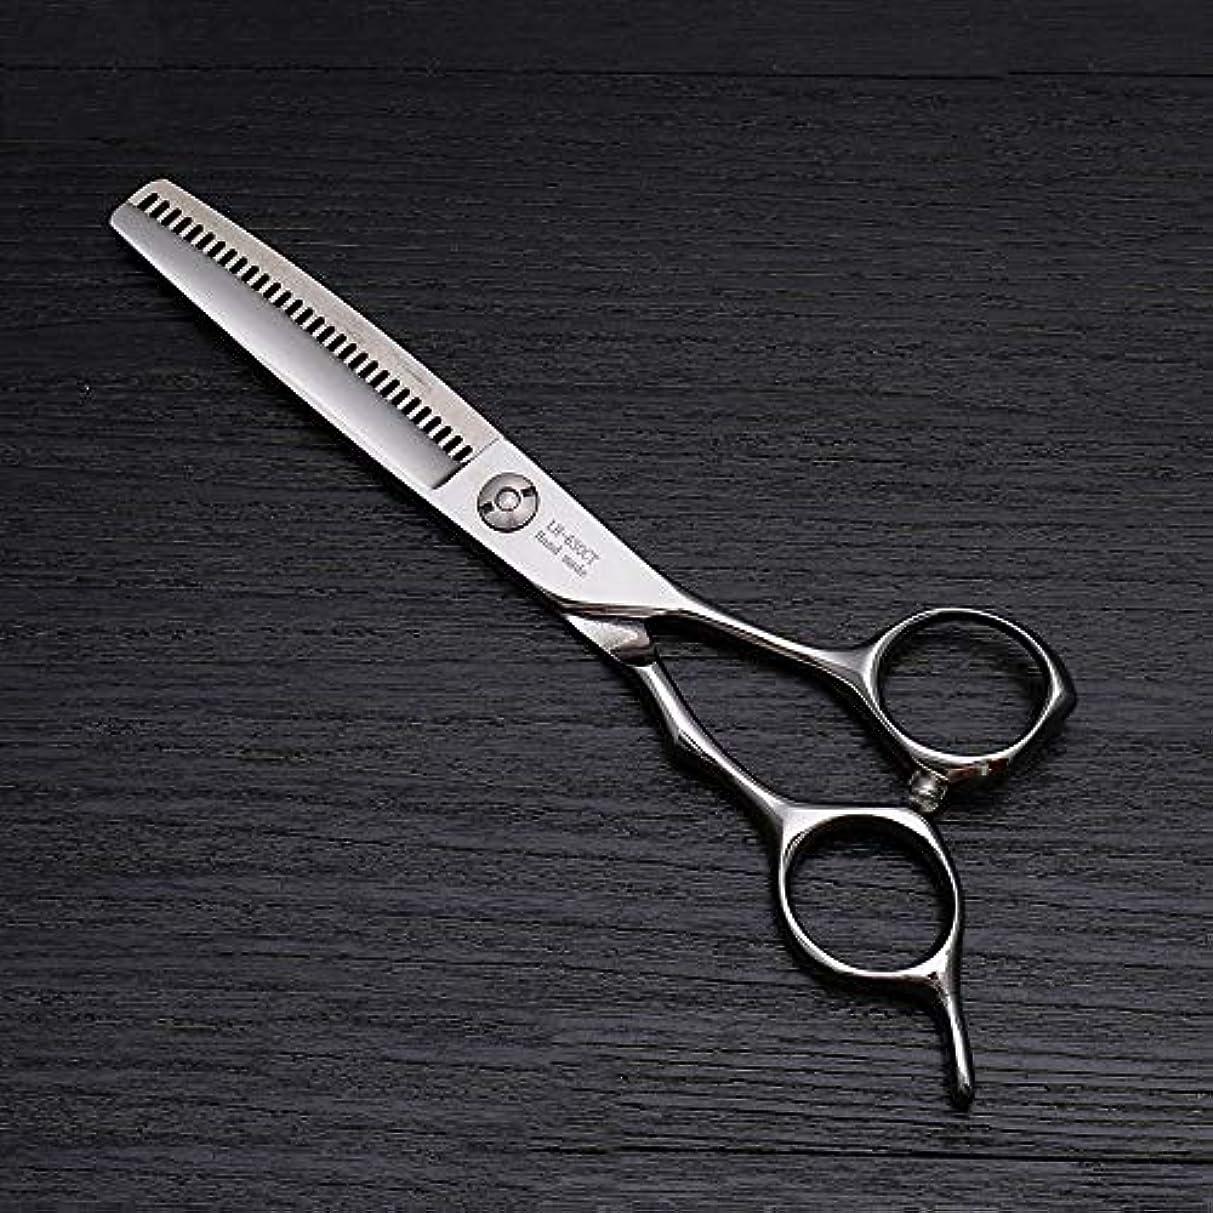 不忠検証見込み6インチの高級ヘアカットはさみ、美容院の特別な髪はさみ ヘアケア (色 : Silver)